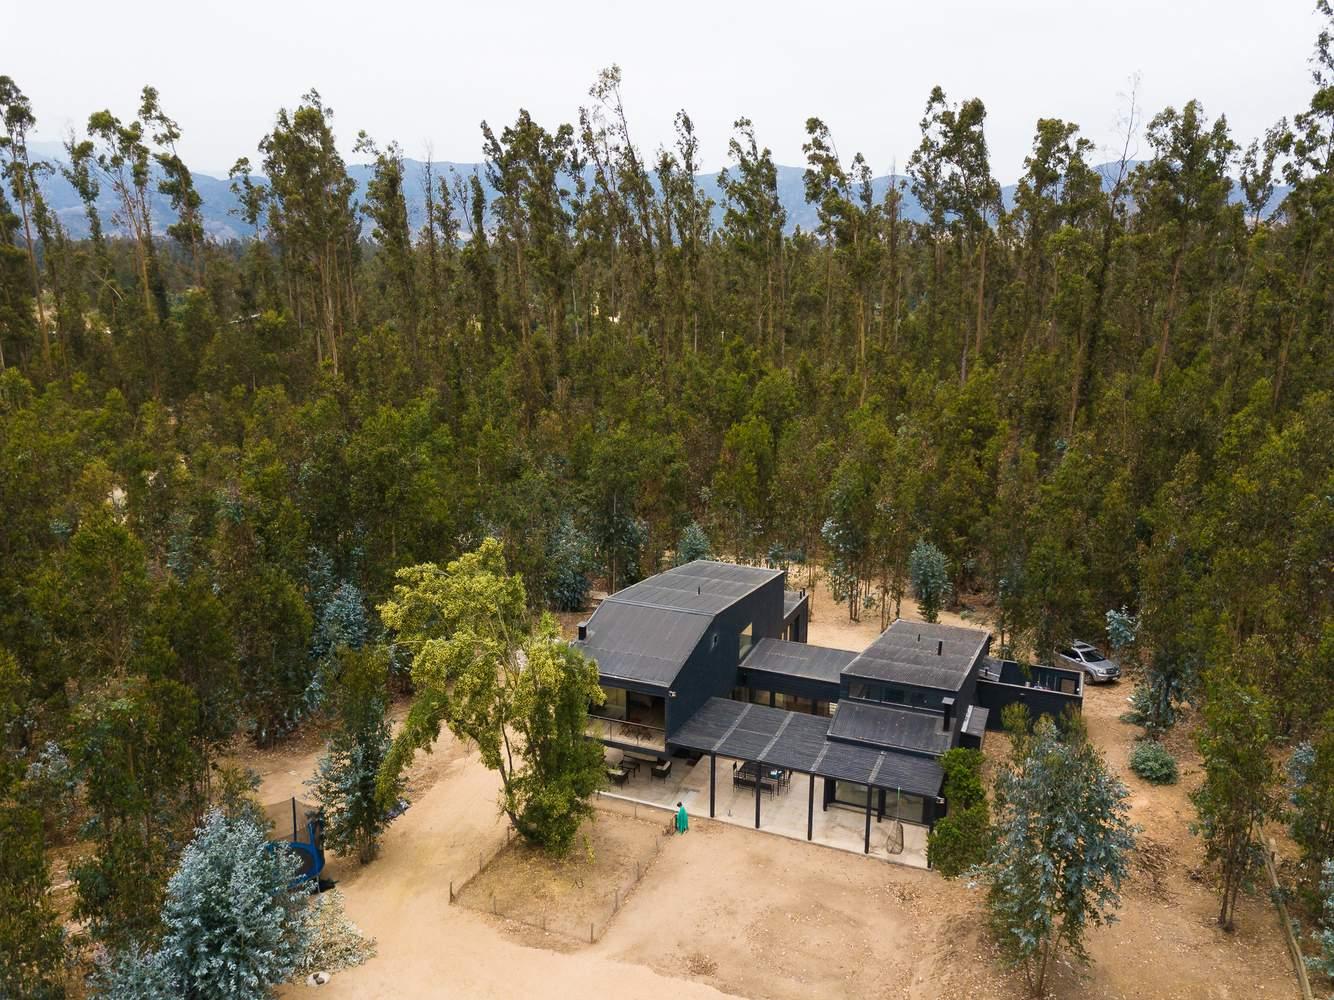 Семейный загородный дом в сельской местности, Чили